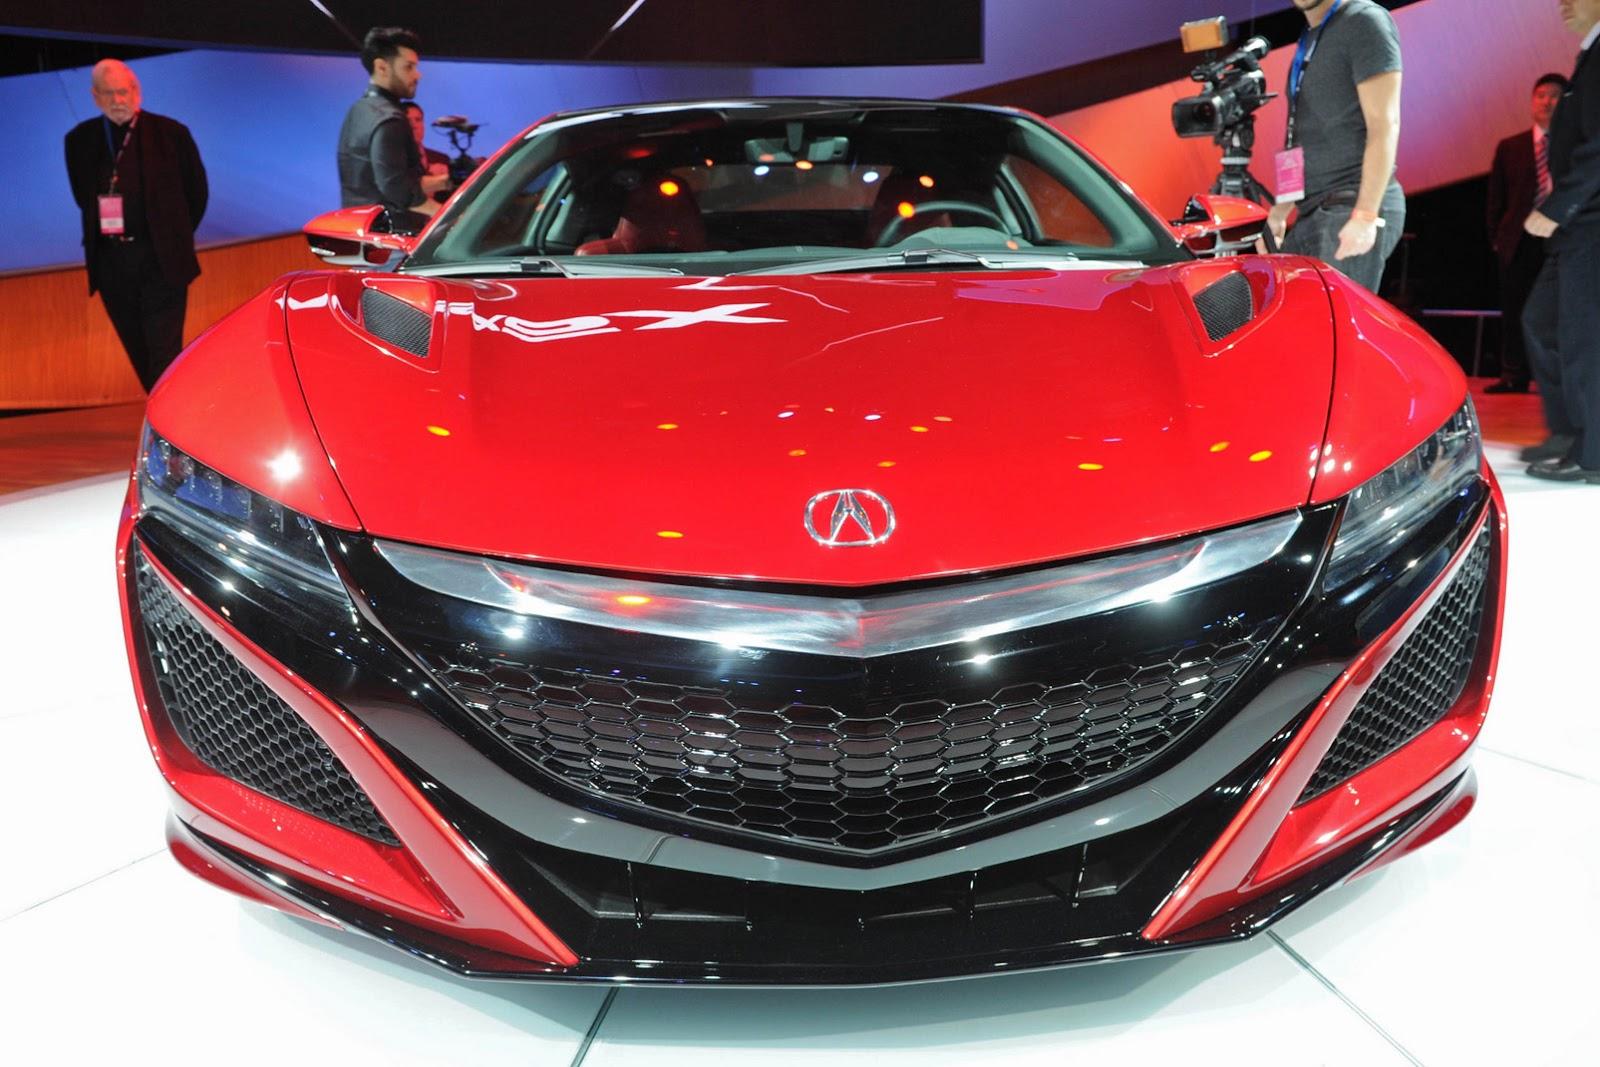 """รถสปอร์ต """"2016 Acura NSX"""" เตรียมกลับมาแล้วสั่งซื้อผ่าน ..."""